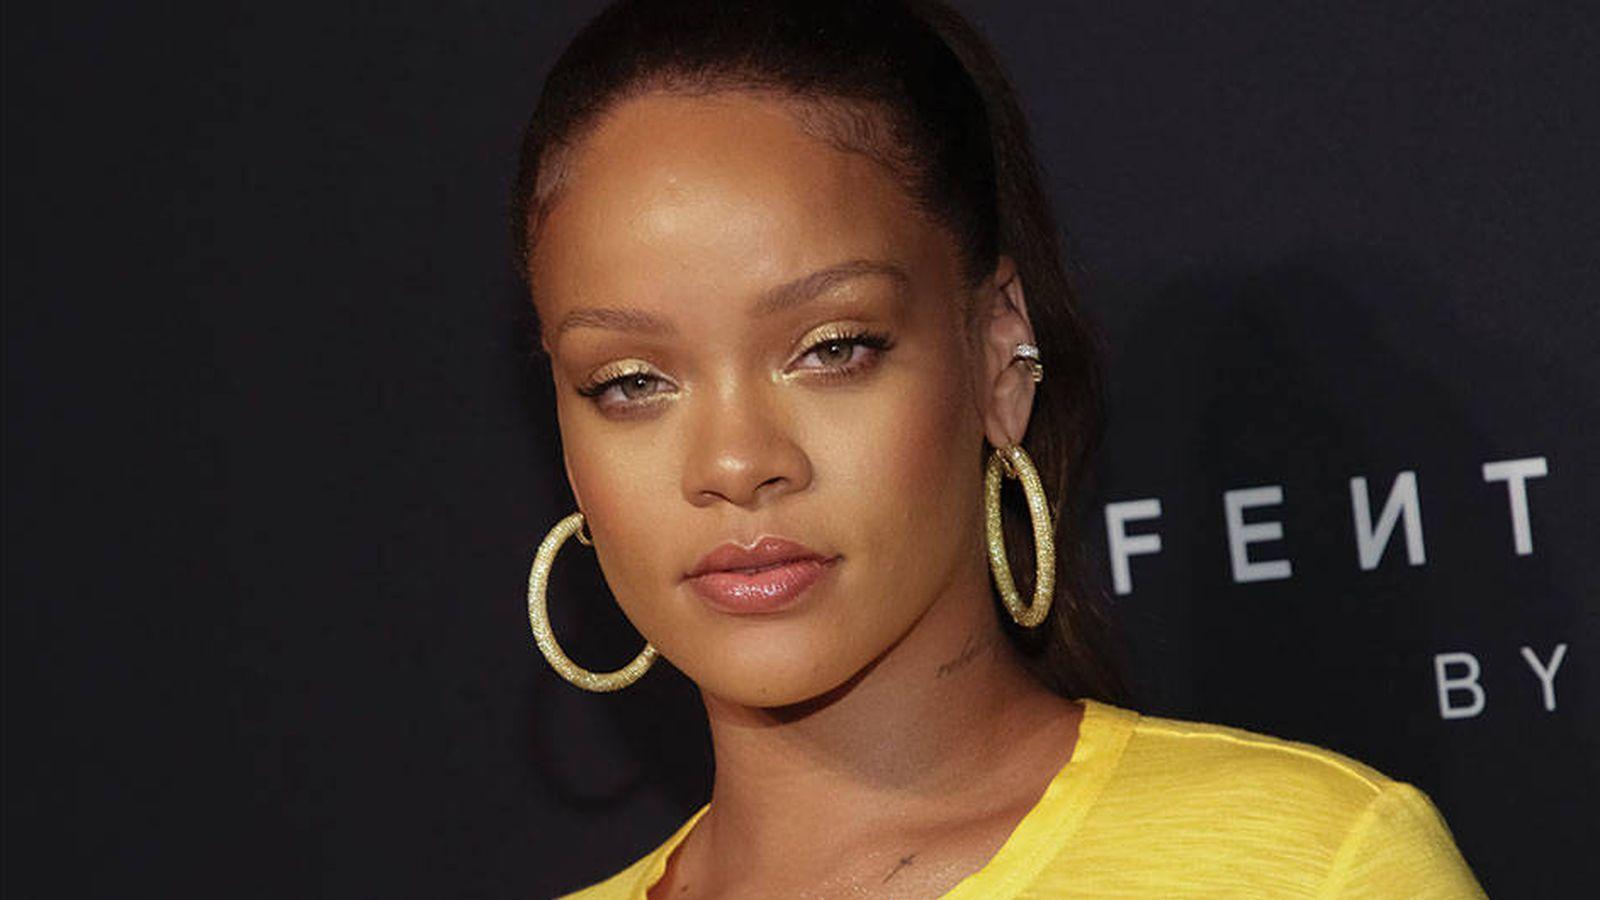 Foto: Rihanna, en la presentación de su firma de maquillaje, Fenty Beauty.